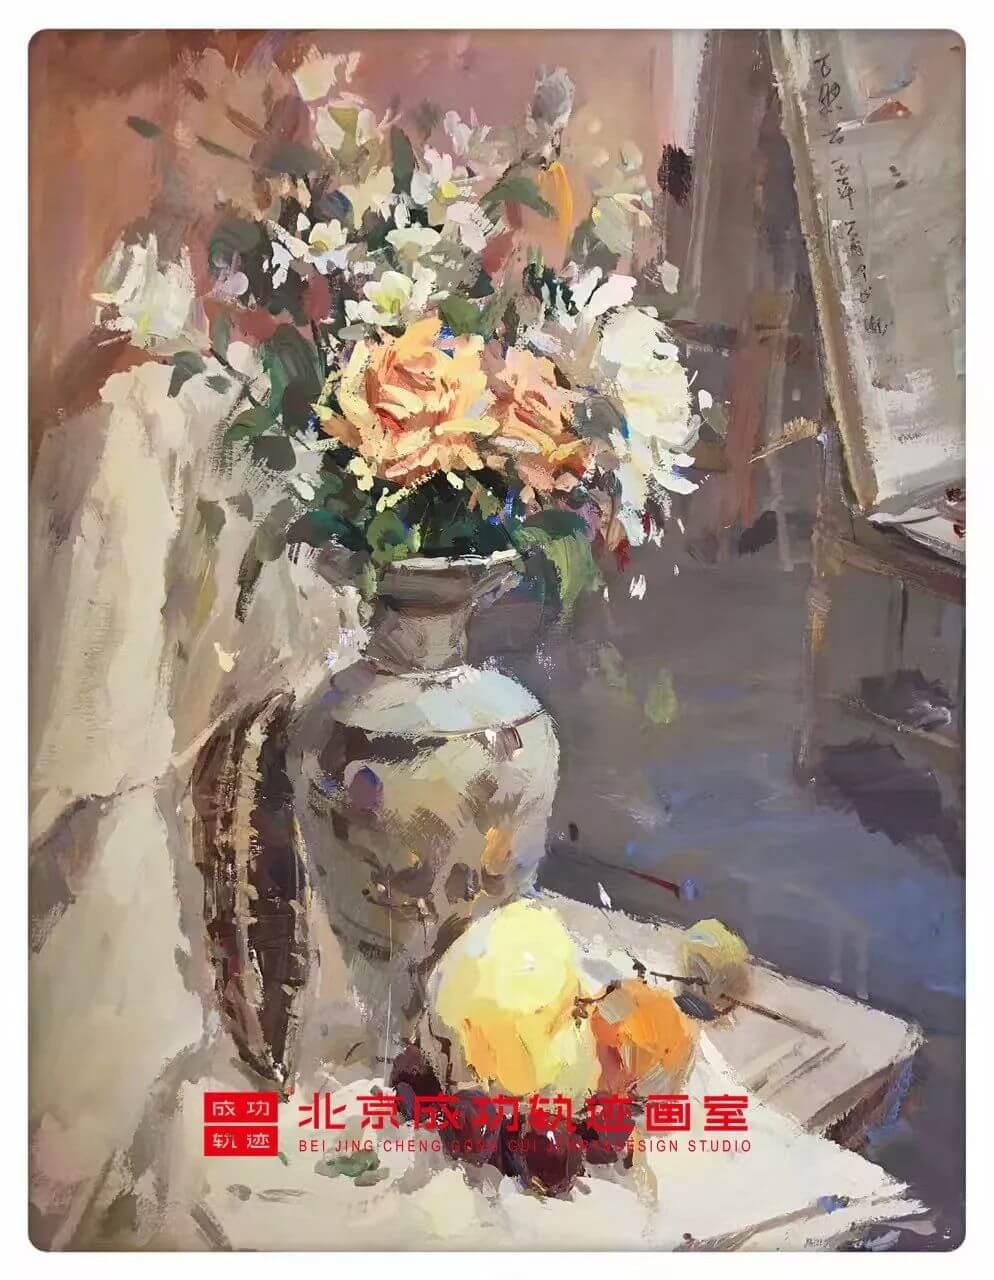 成功轨迹画室直播课堂,北京画室,北京美术培训,美术在线课堂  11